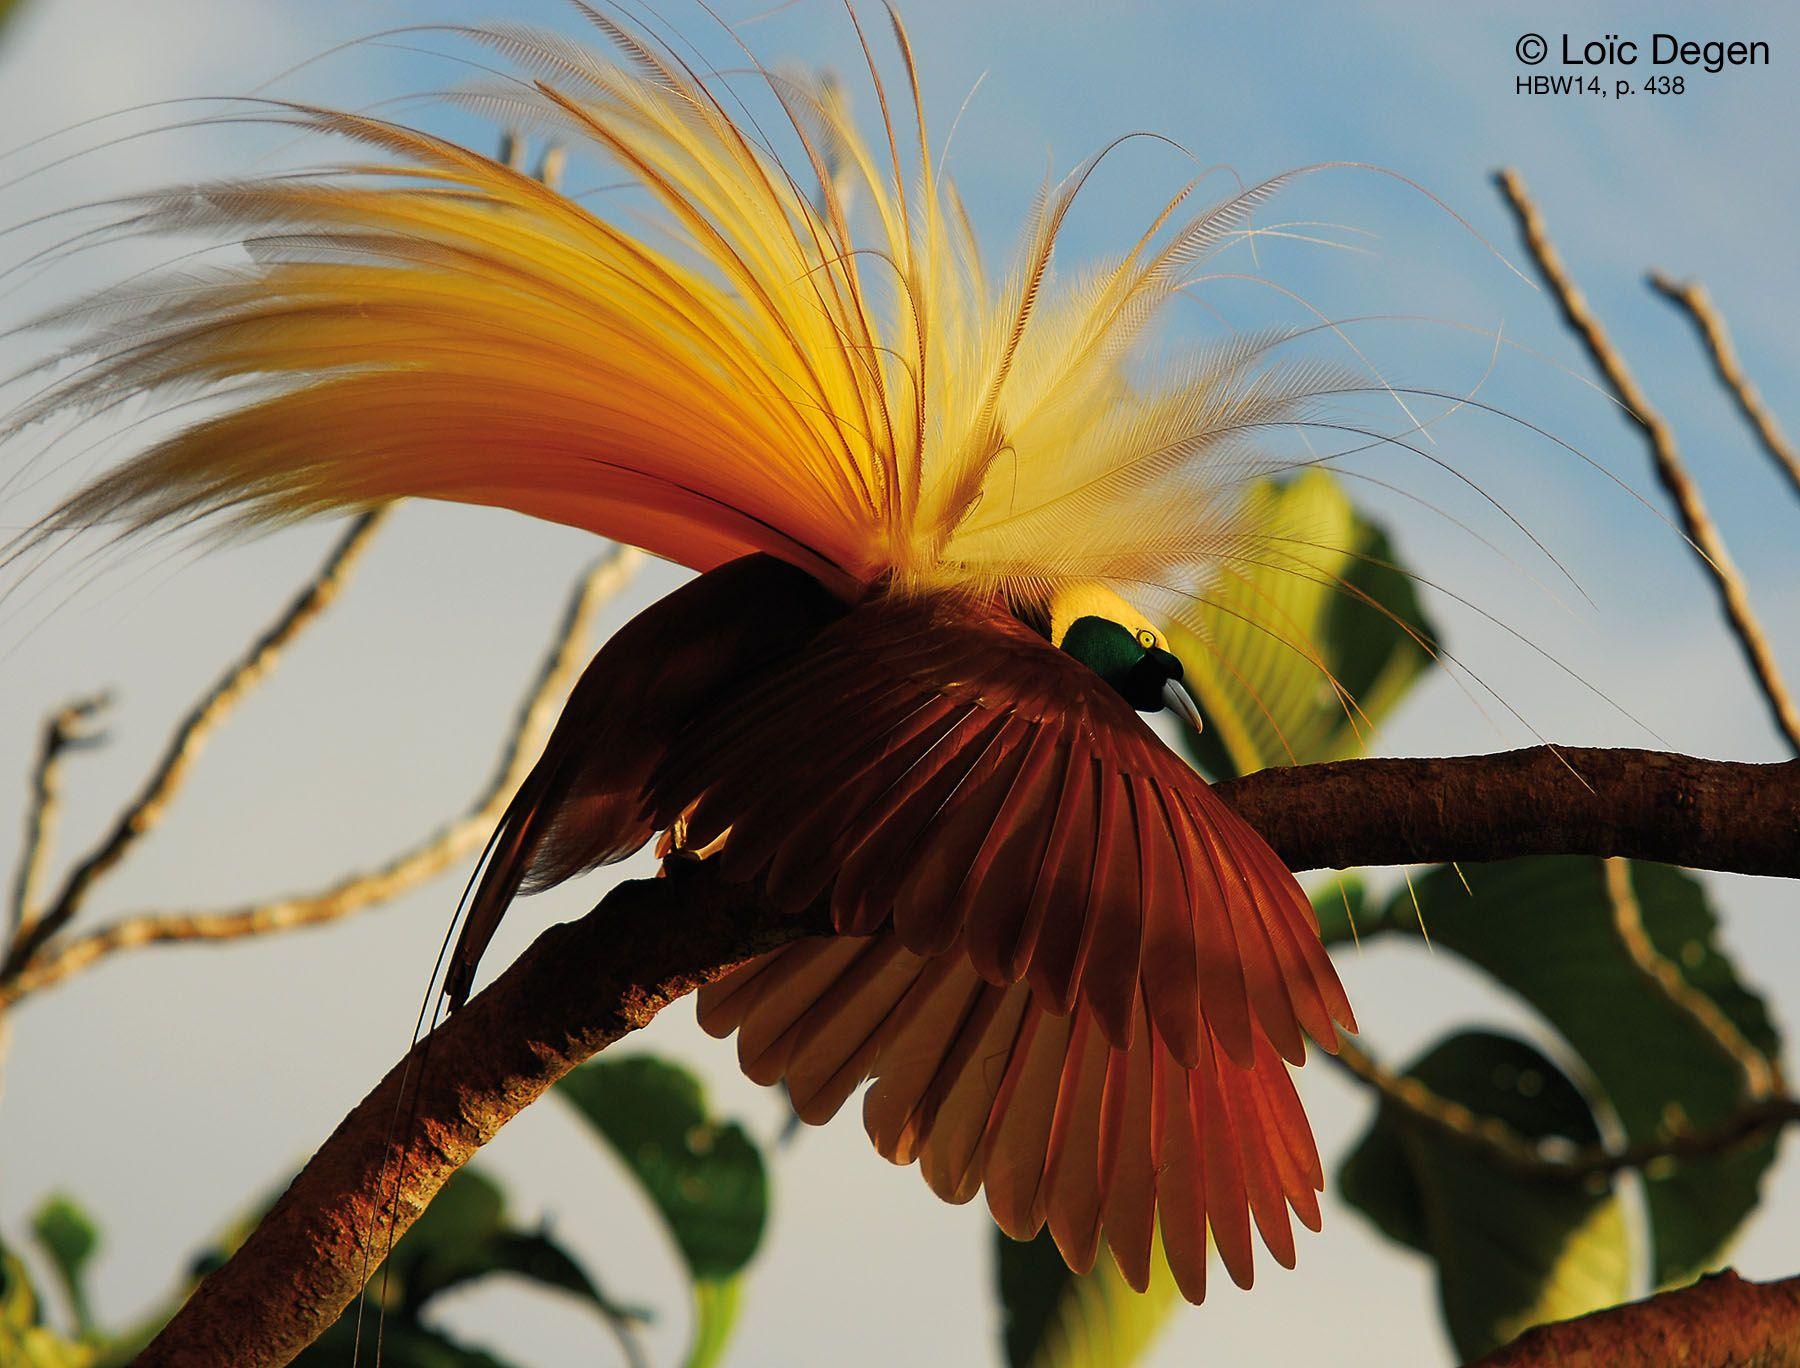 Beautiful bird of paradise file name amazing beautiful birds of paradise hd wallpaper - Hd images of birds of paradise ...